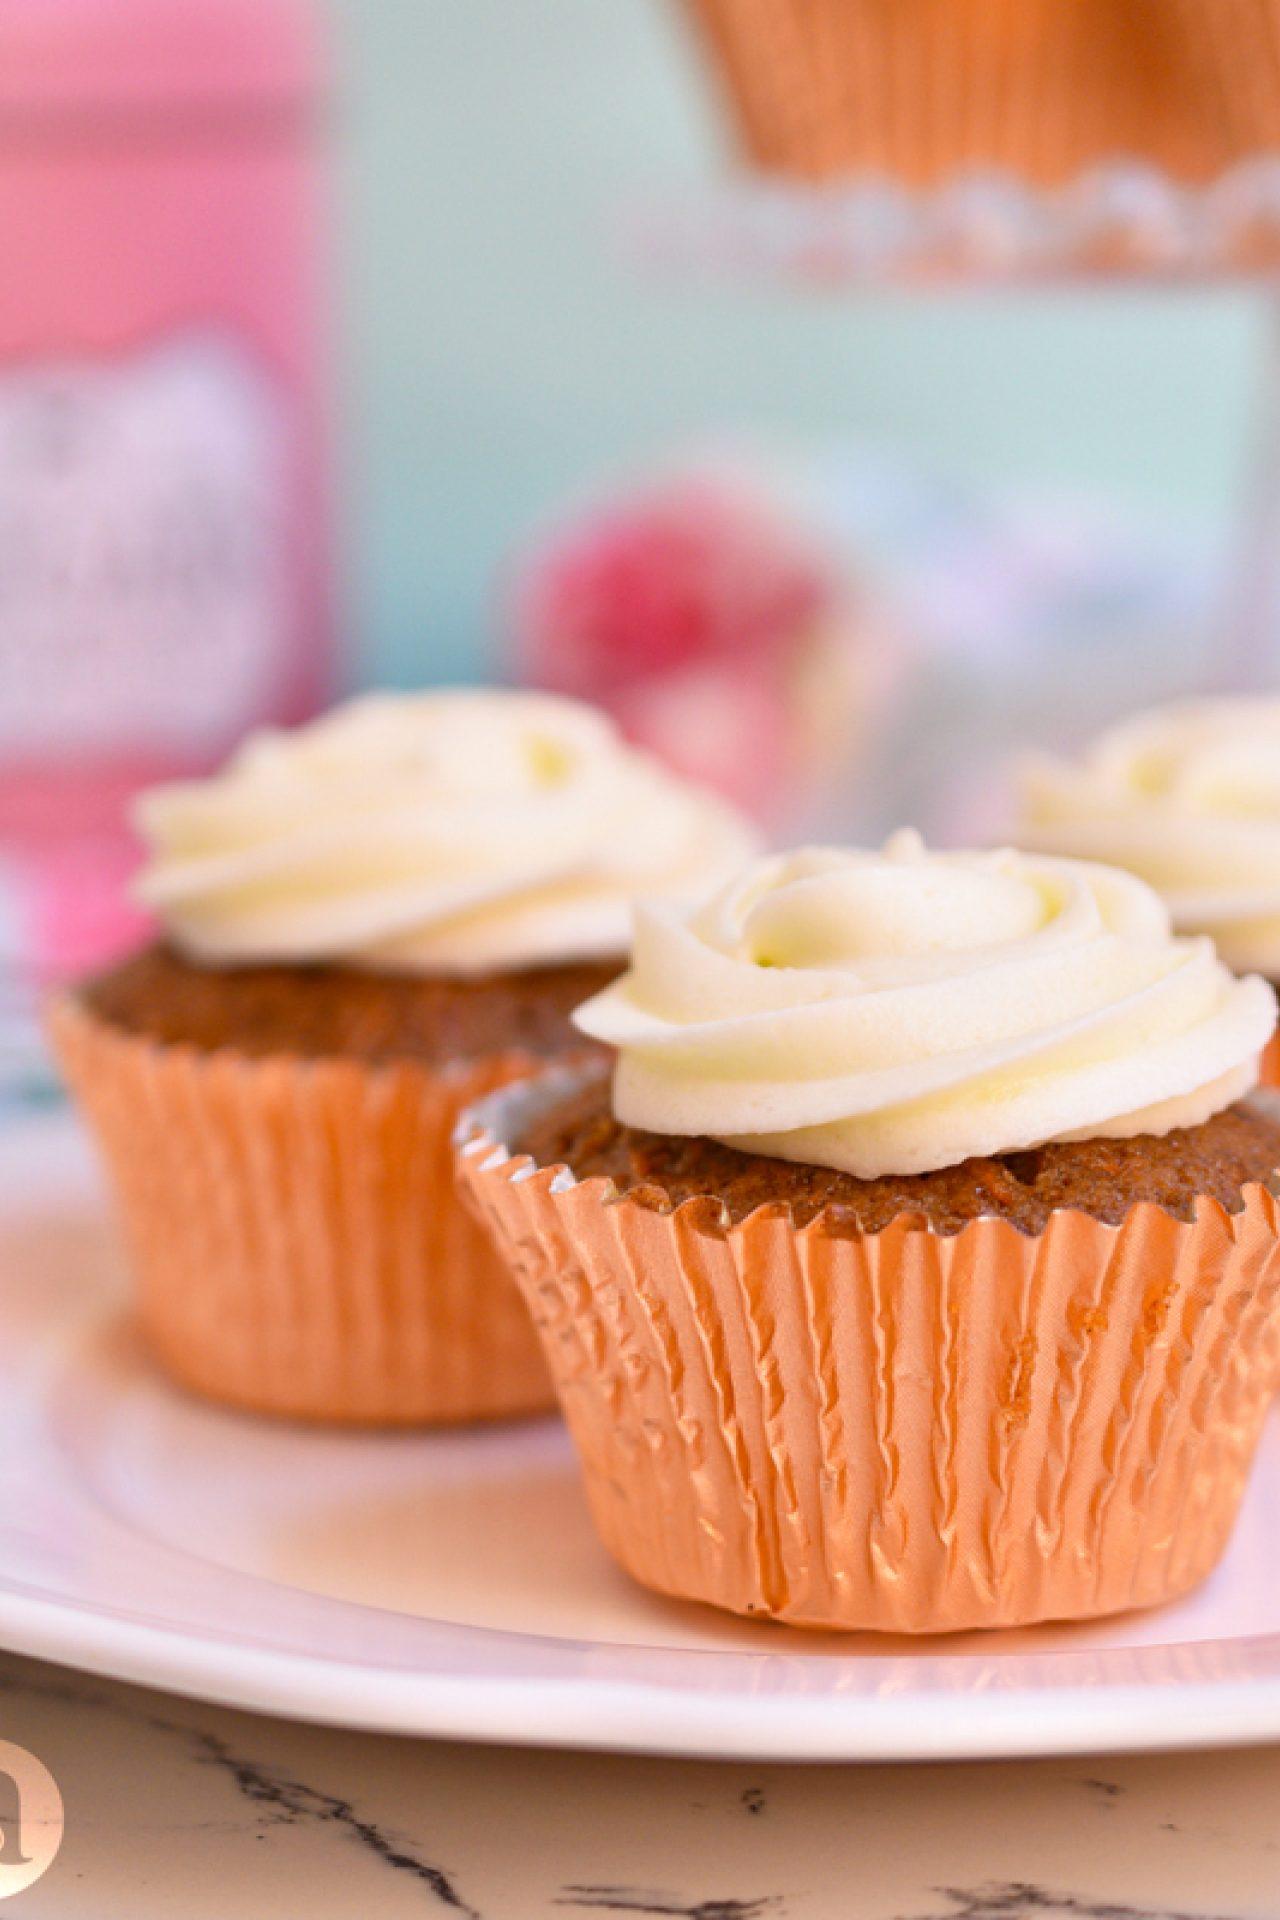 La mejor receta de cupcakes de zanahoria con buttercream de queso crema